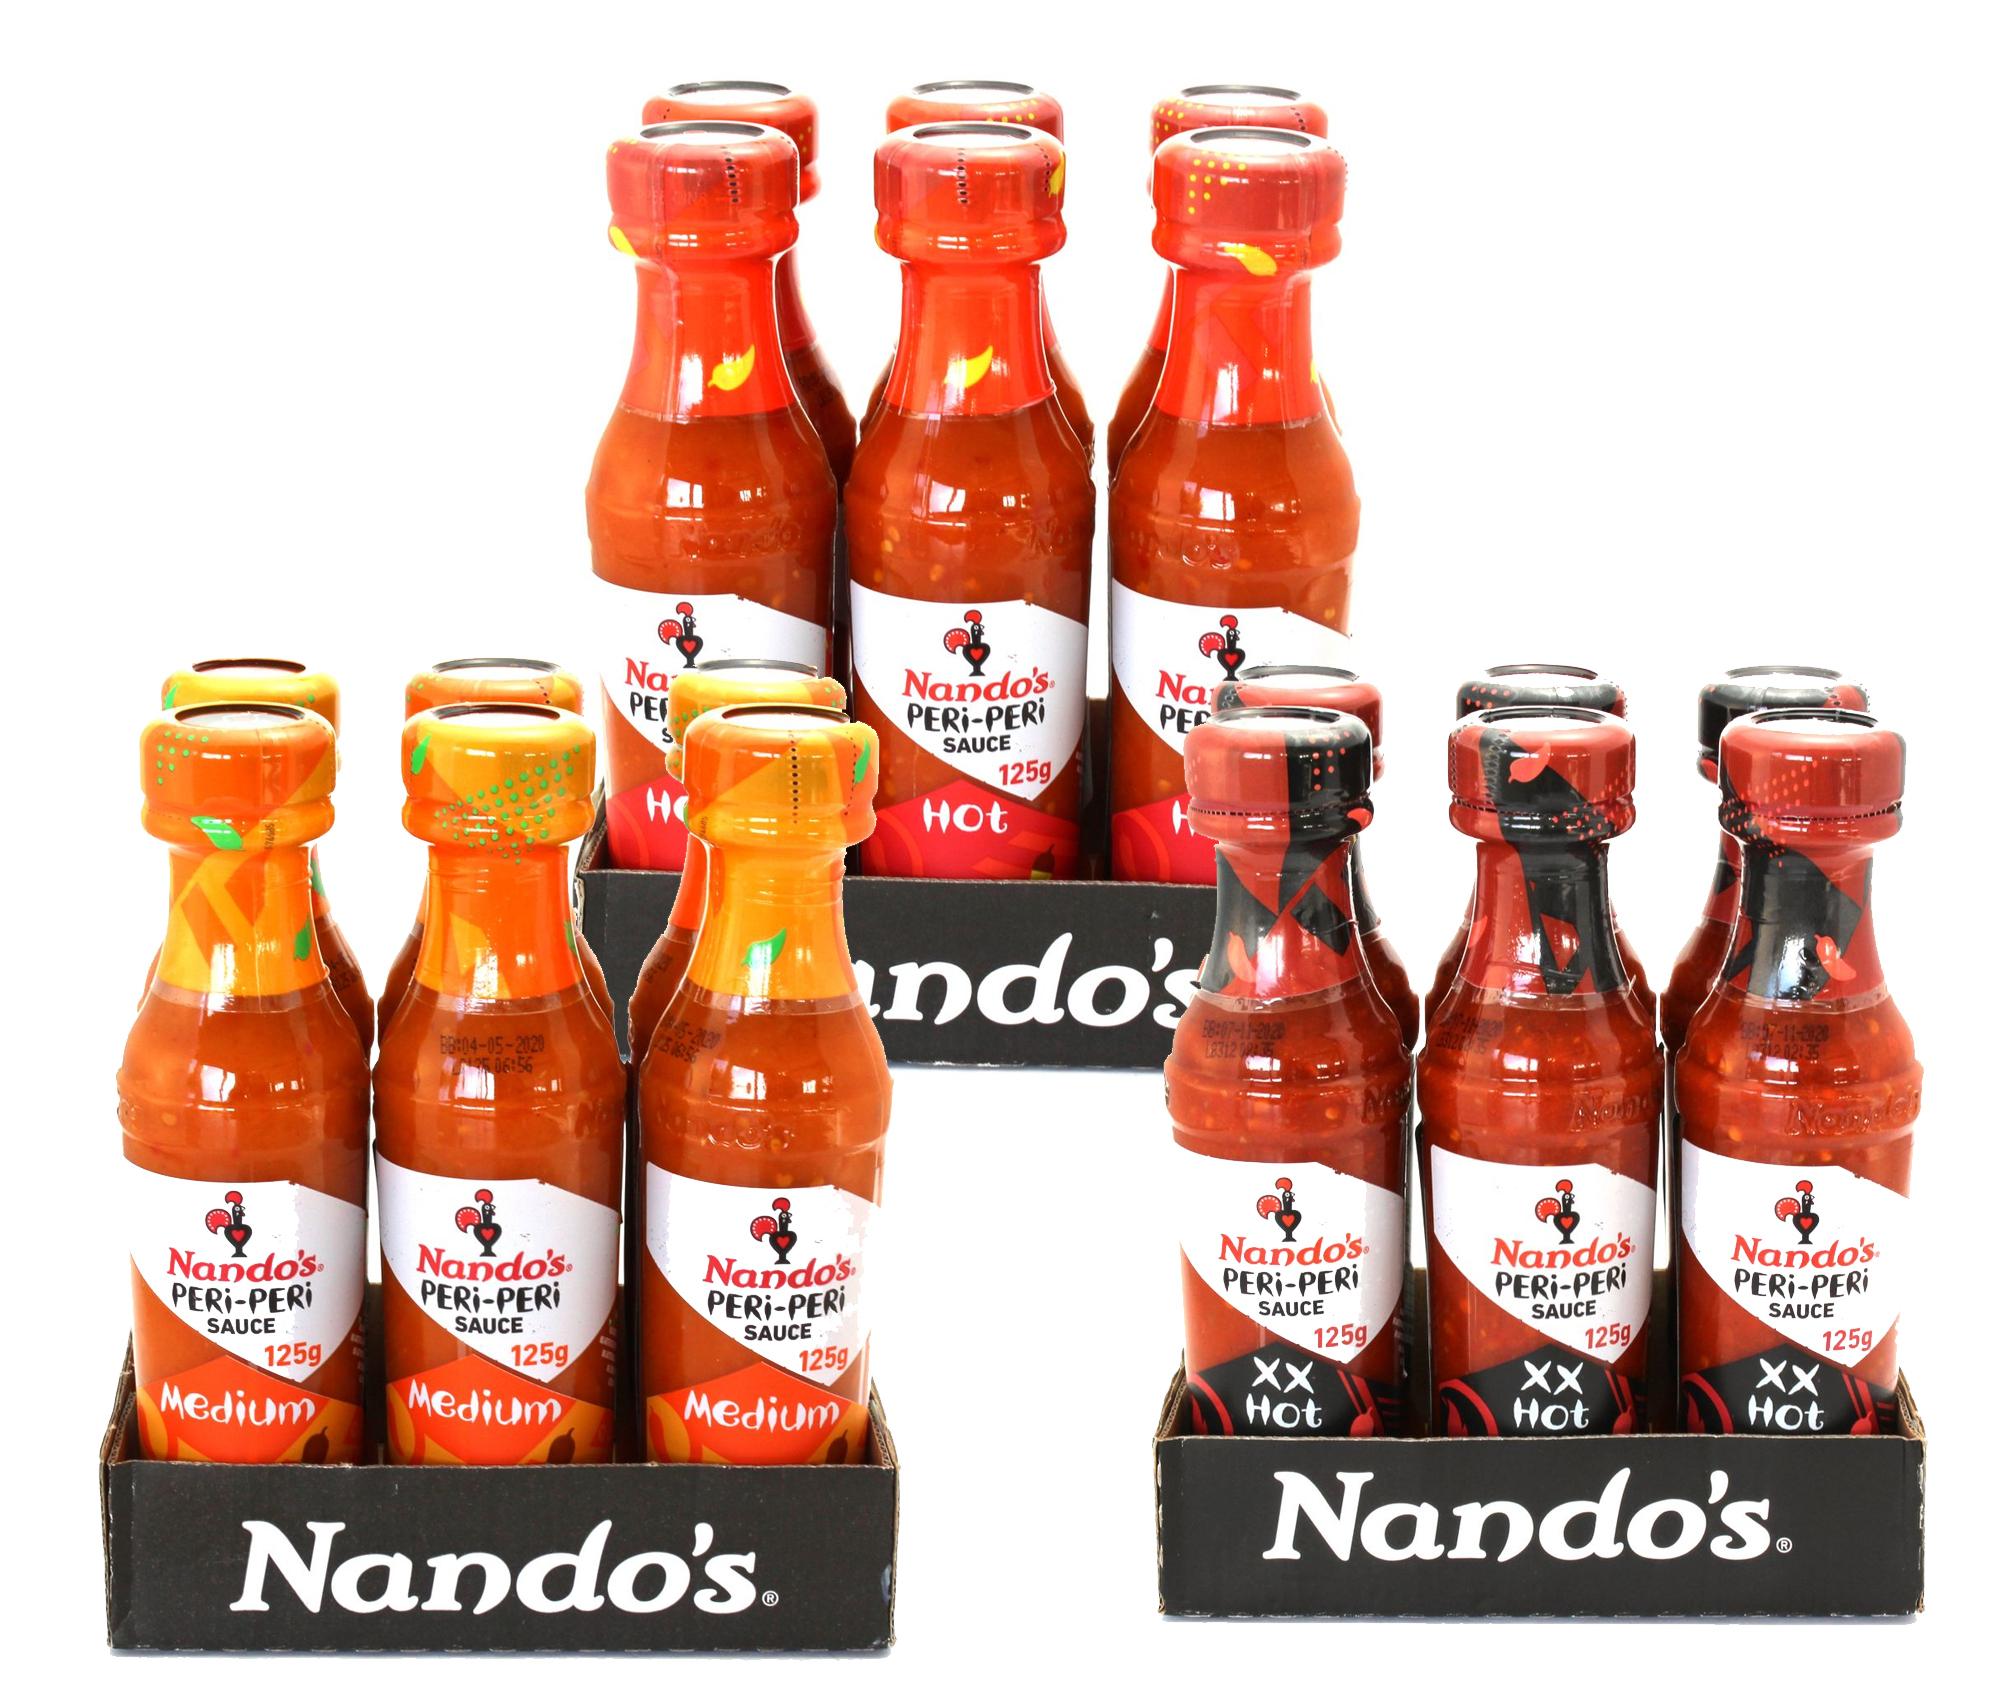 18er Nando's Peri Peri Sauce (18x 125g) 11,11€ zzgl. Versandkosten ausserhalb Deutschland